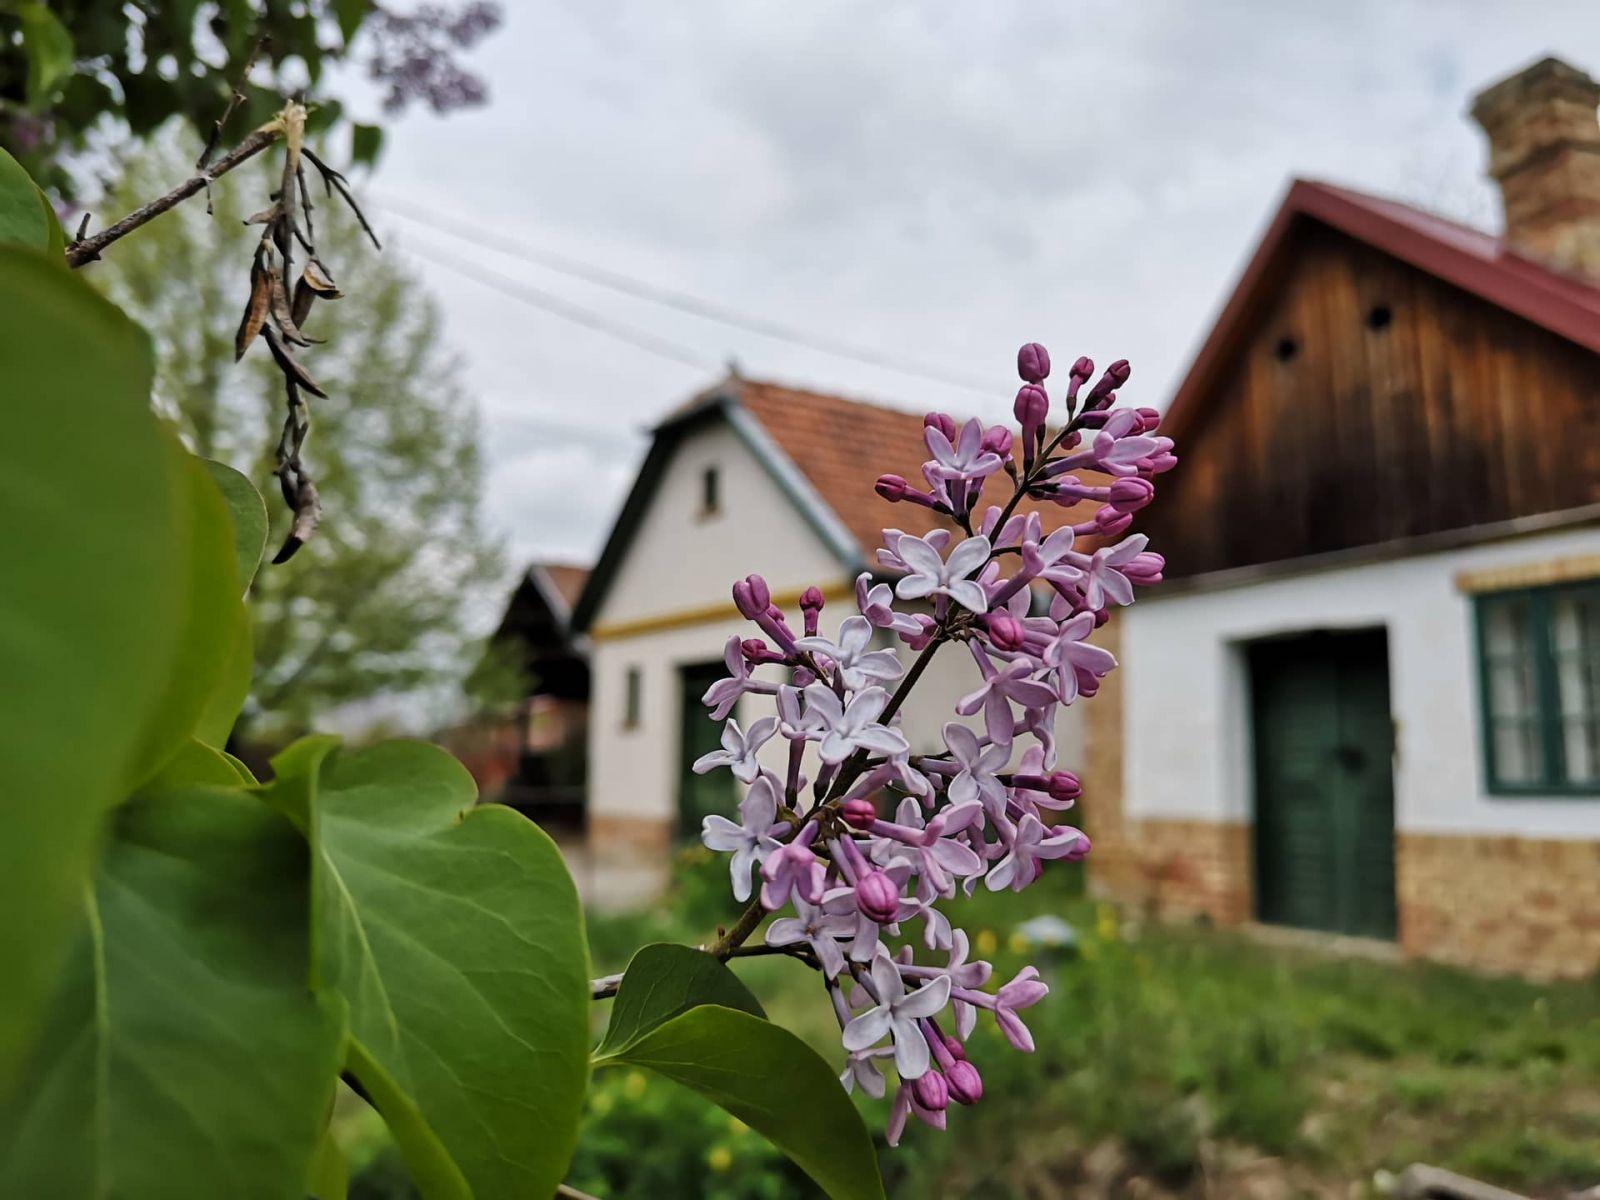 A hónap képe - Készítette: Tavasz a pincénél